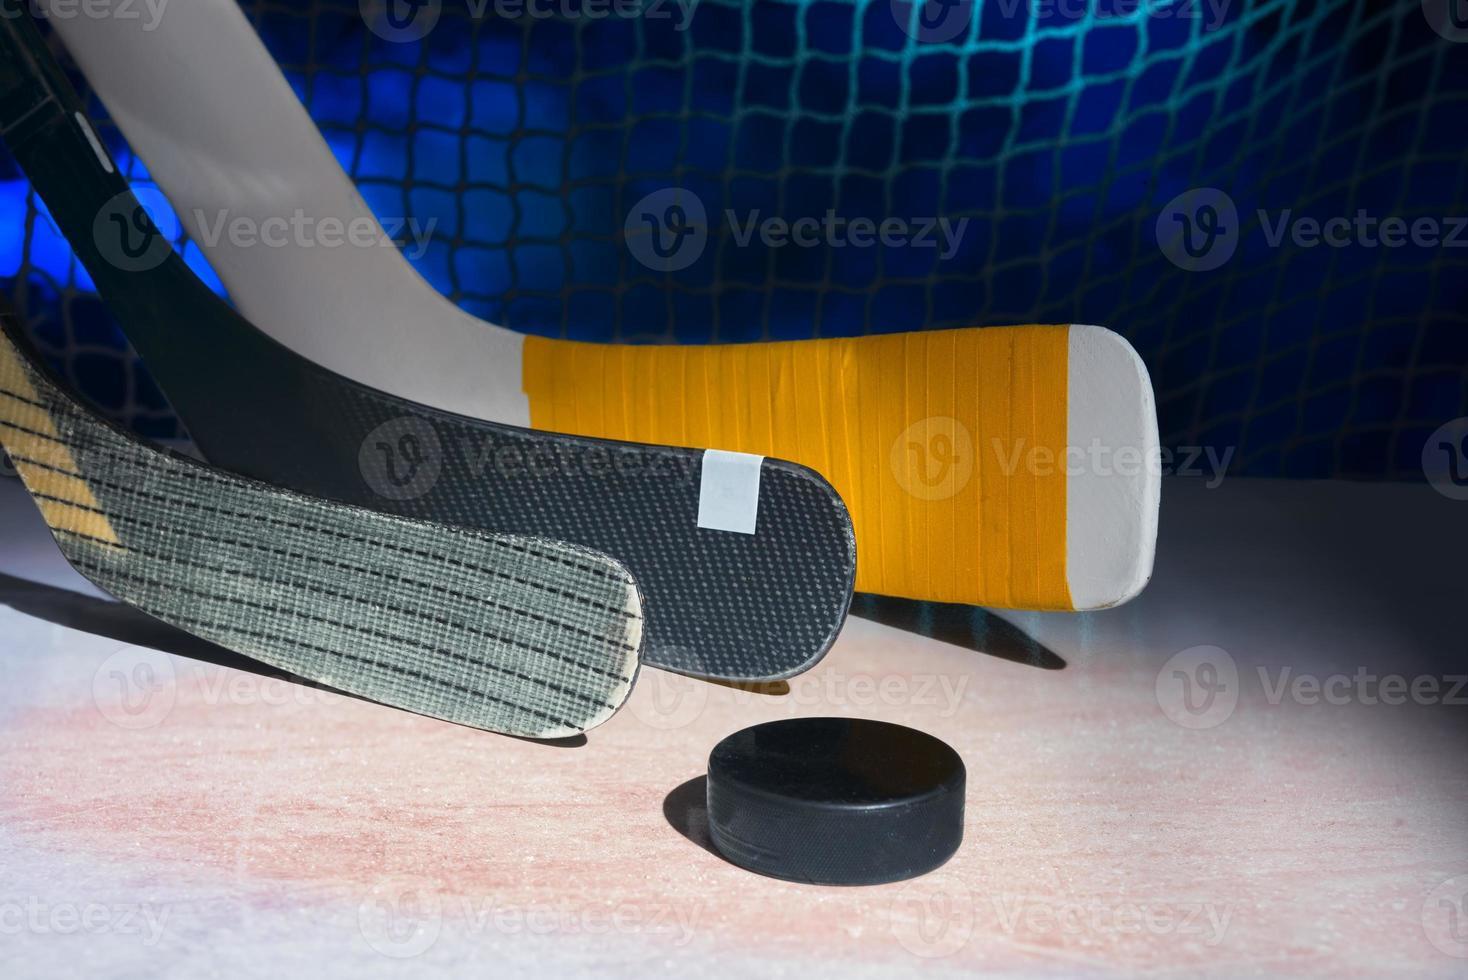 drei Hockeyschläger foto